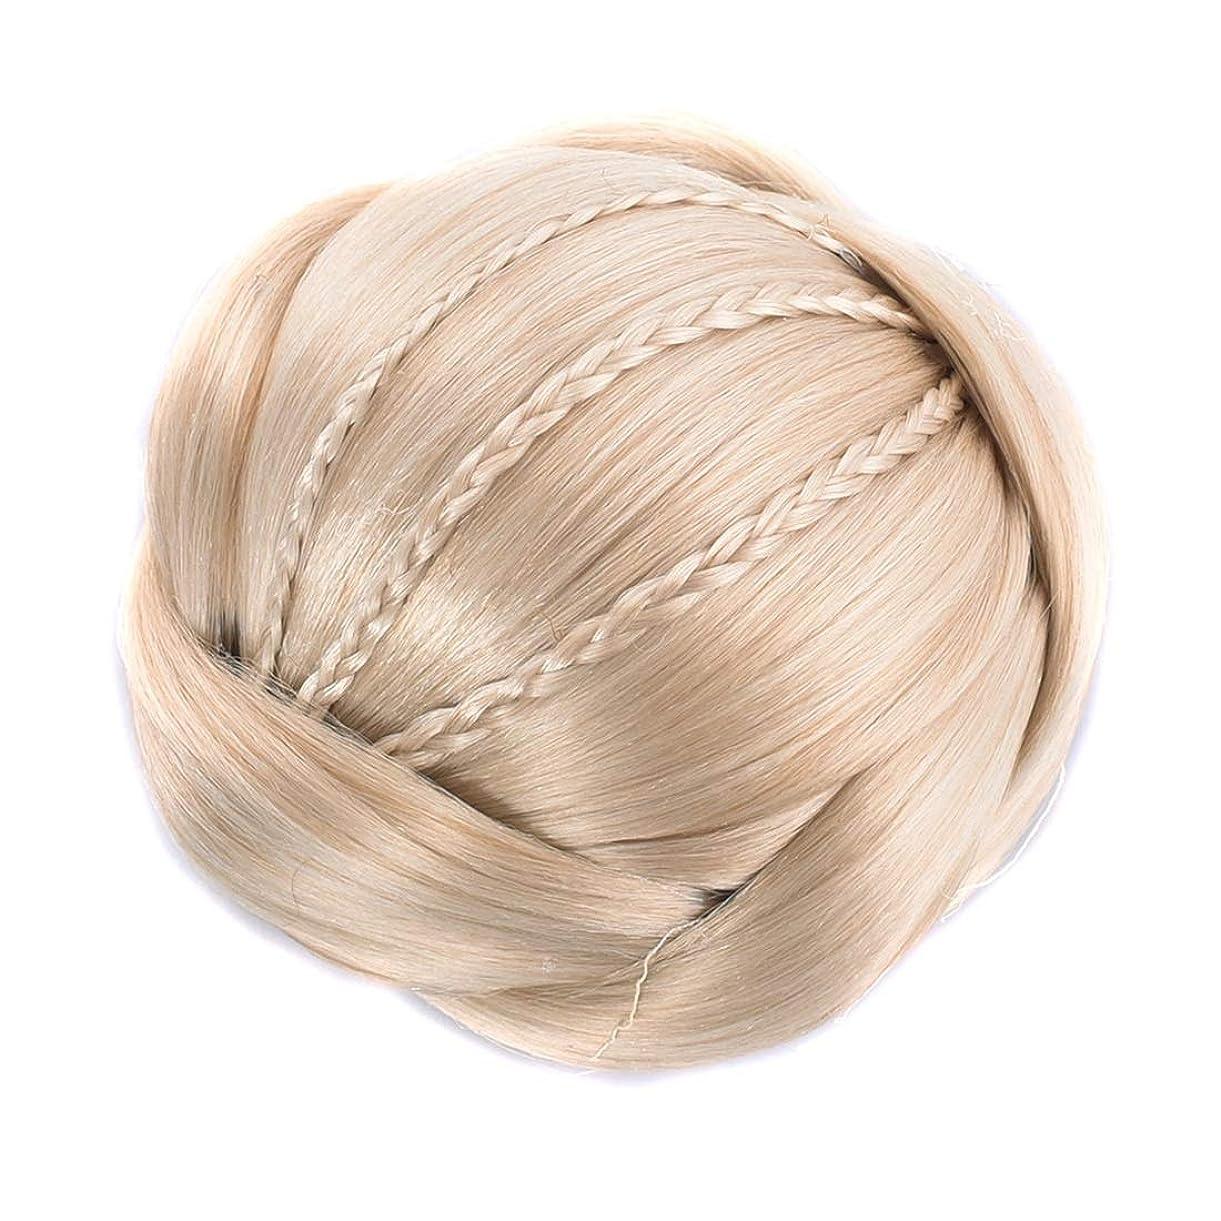 消化器防腐剤大佐Koloeplf 女性のヘアスタイリングヘアブラシ編みひもミートボールヘアブンブライダルティアラ (Color : Color 1003)